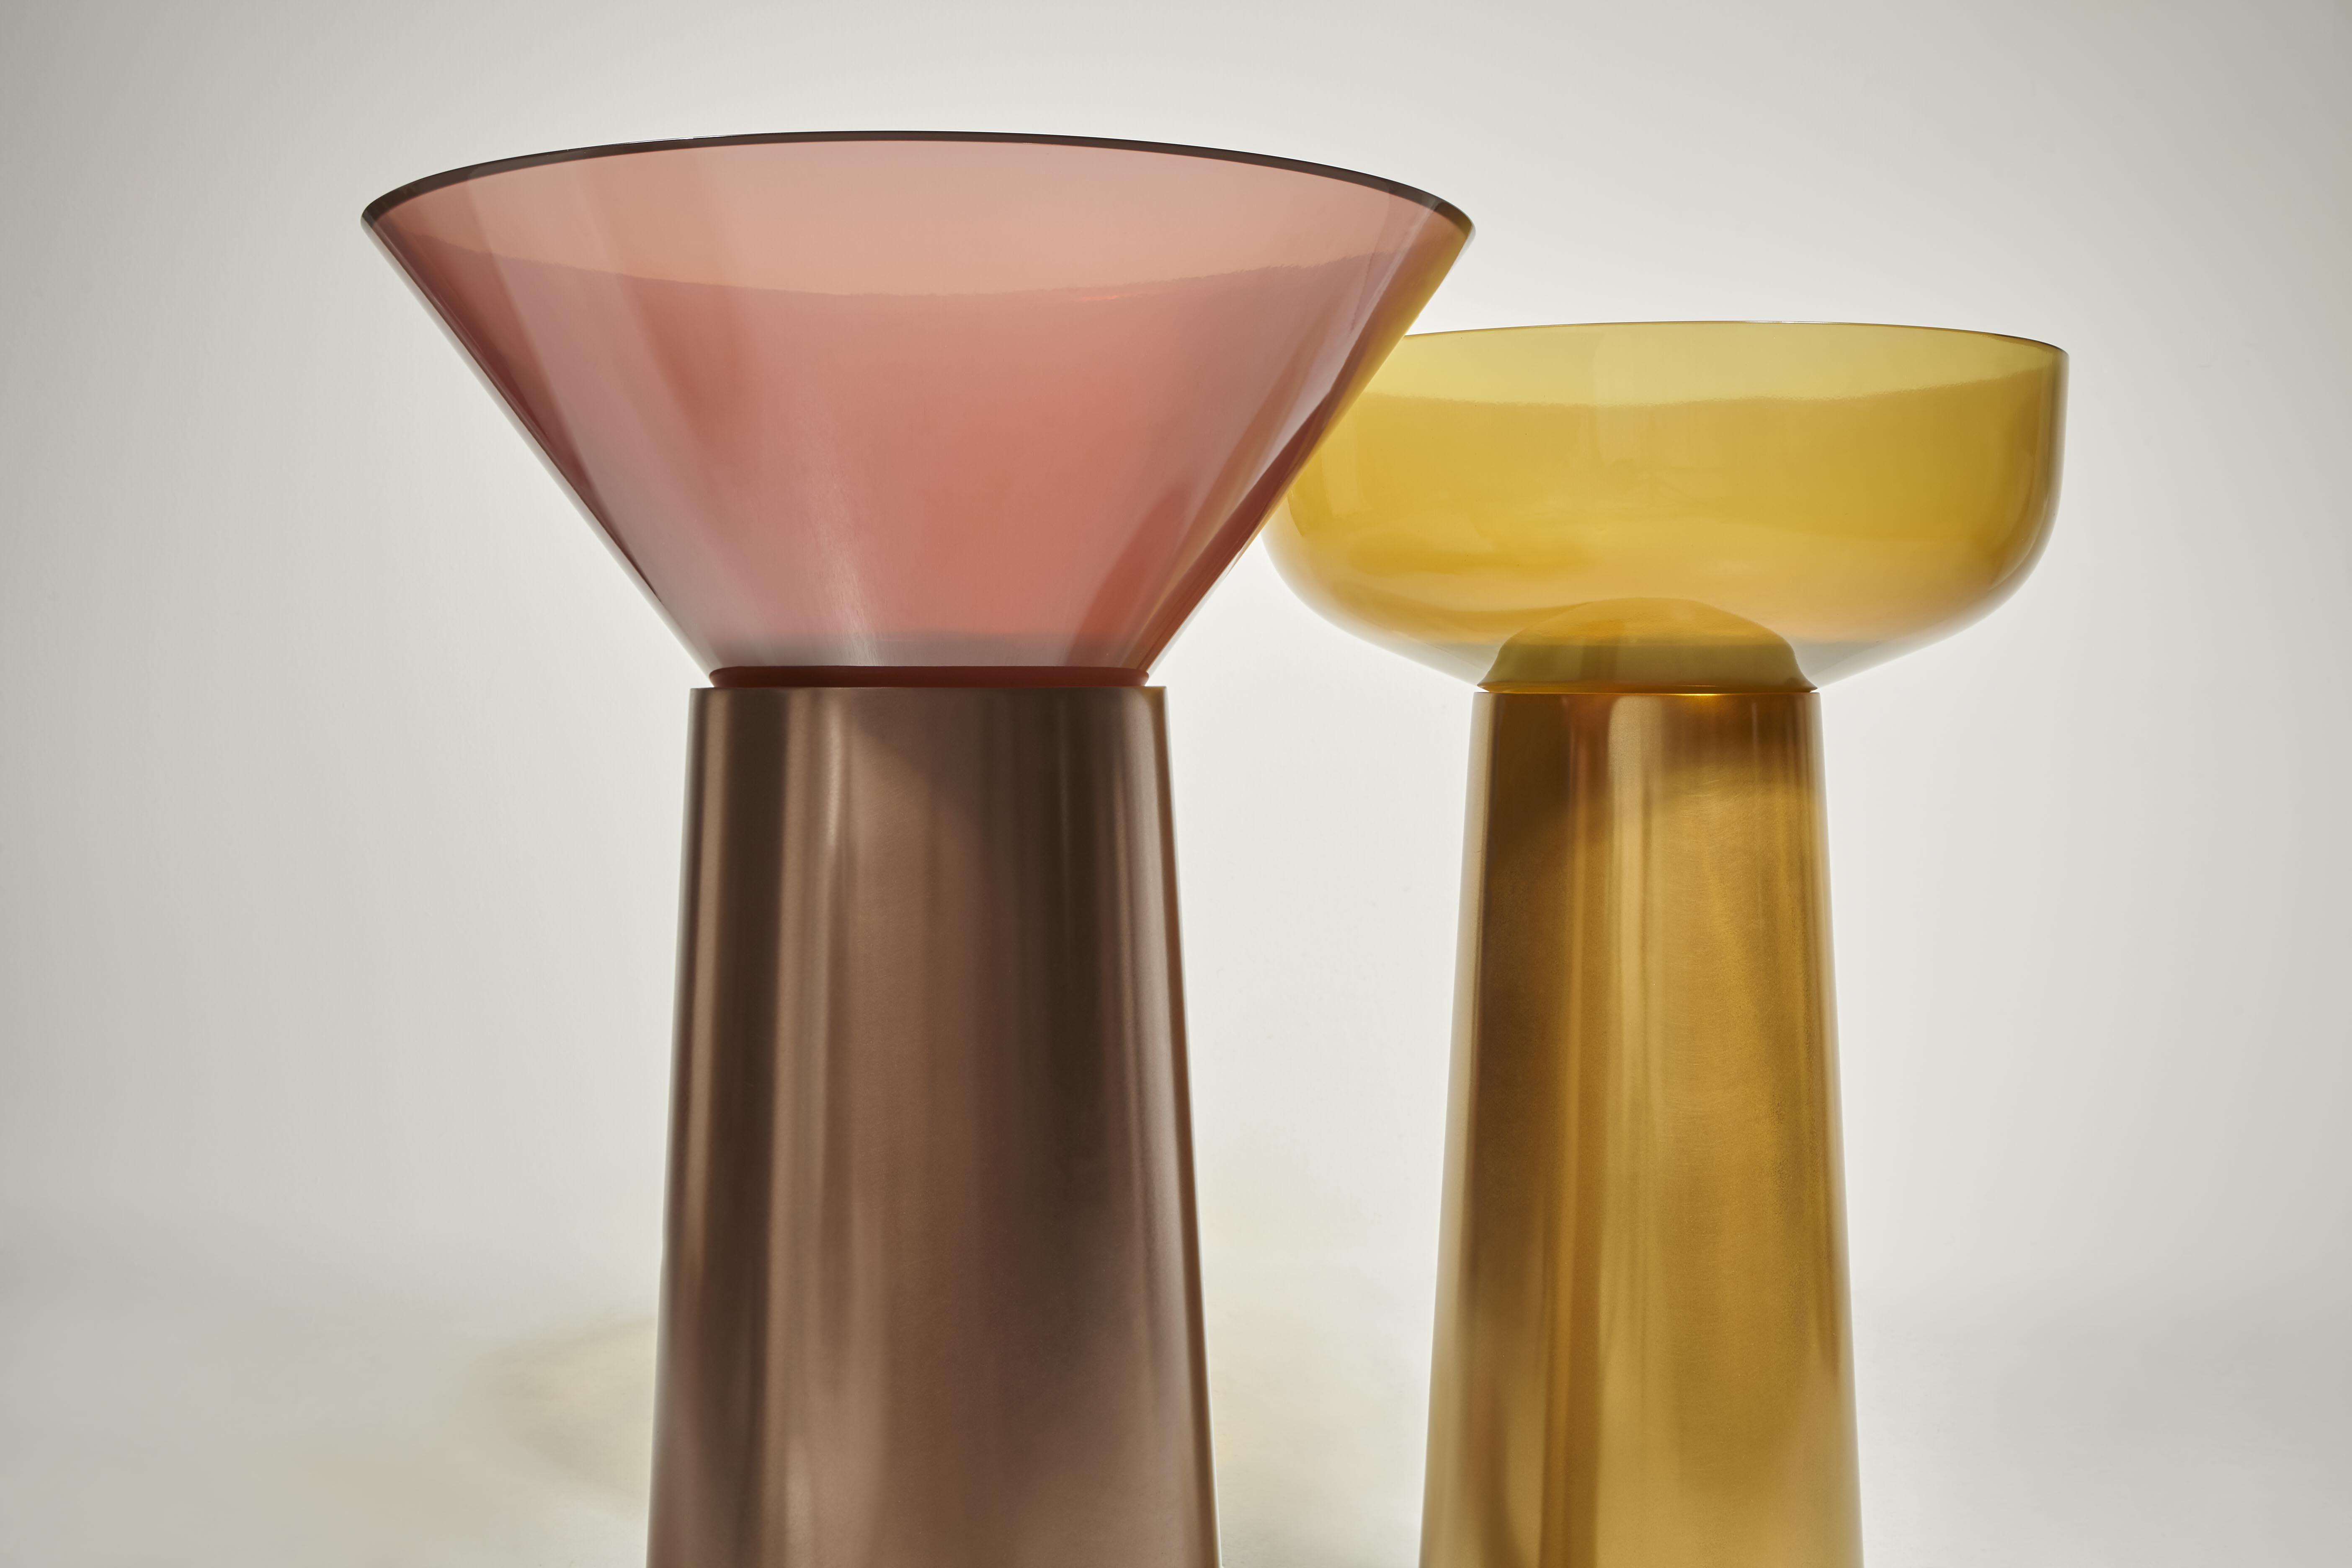 Lavabo A Colonna Design edizione speciale del lavabo albume con colonna in bronzo e